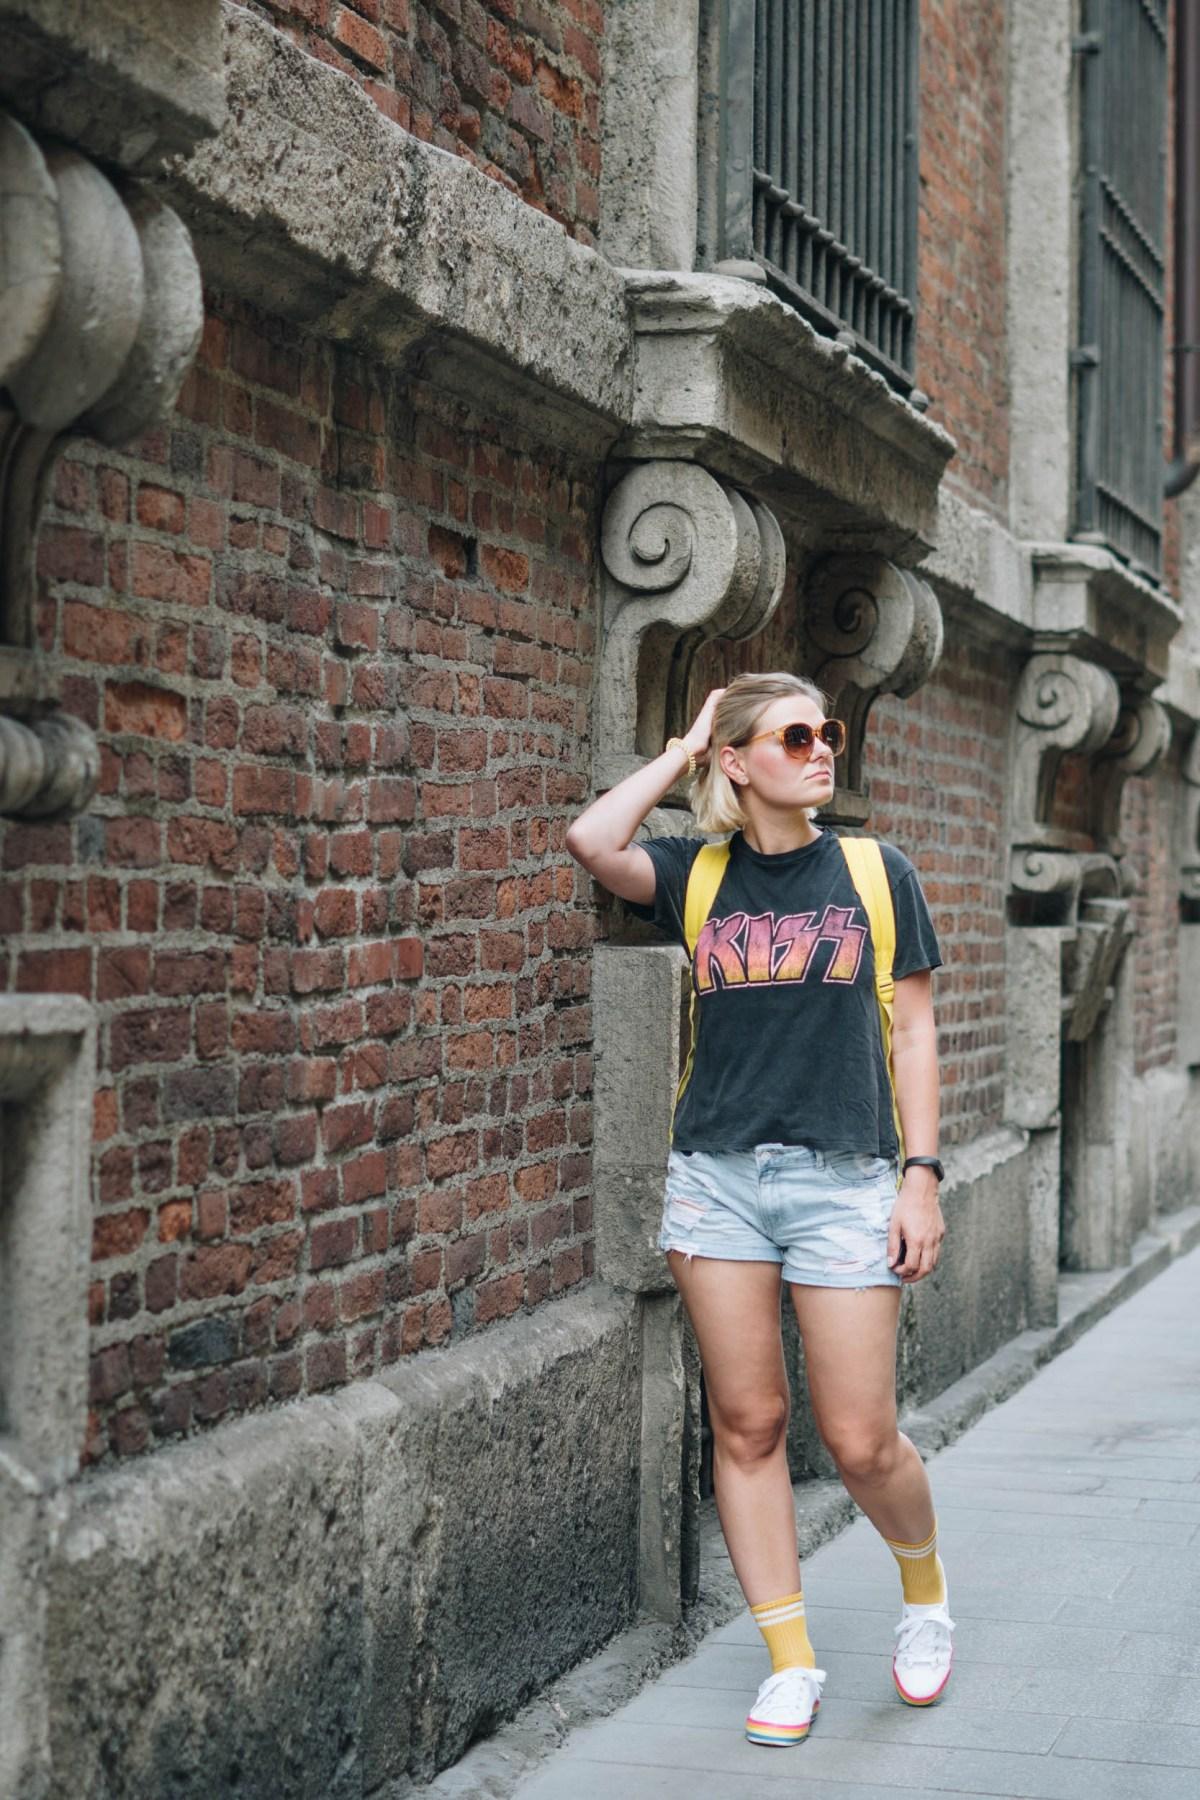 https://i2.wp.com/yellowgirl.at/wp-content/uploads/2018/08/yellowgirl_Sommeroutfit-in-Jeans-Shorts-Band-Shirt-Regenbogen-Sneakers-und-gelben-Sportsocken-3-von-11.jpg?fit=1200%2C1800&ssl=1